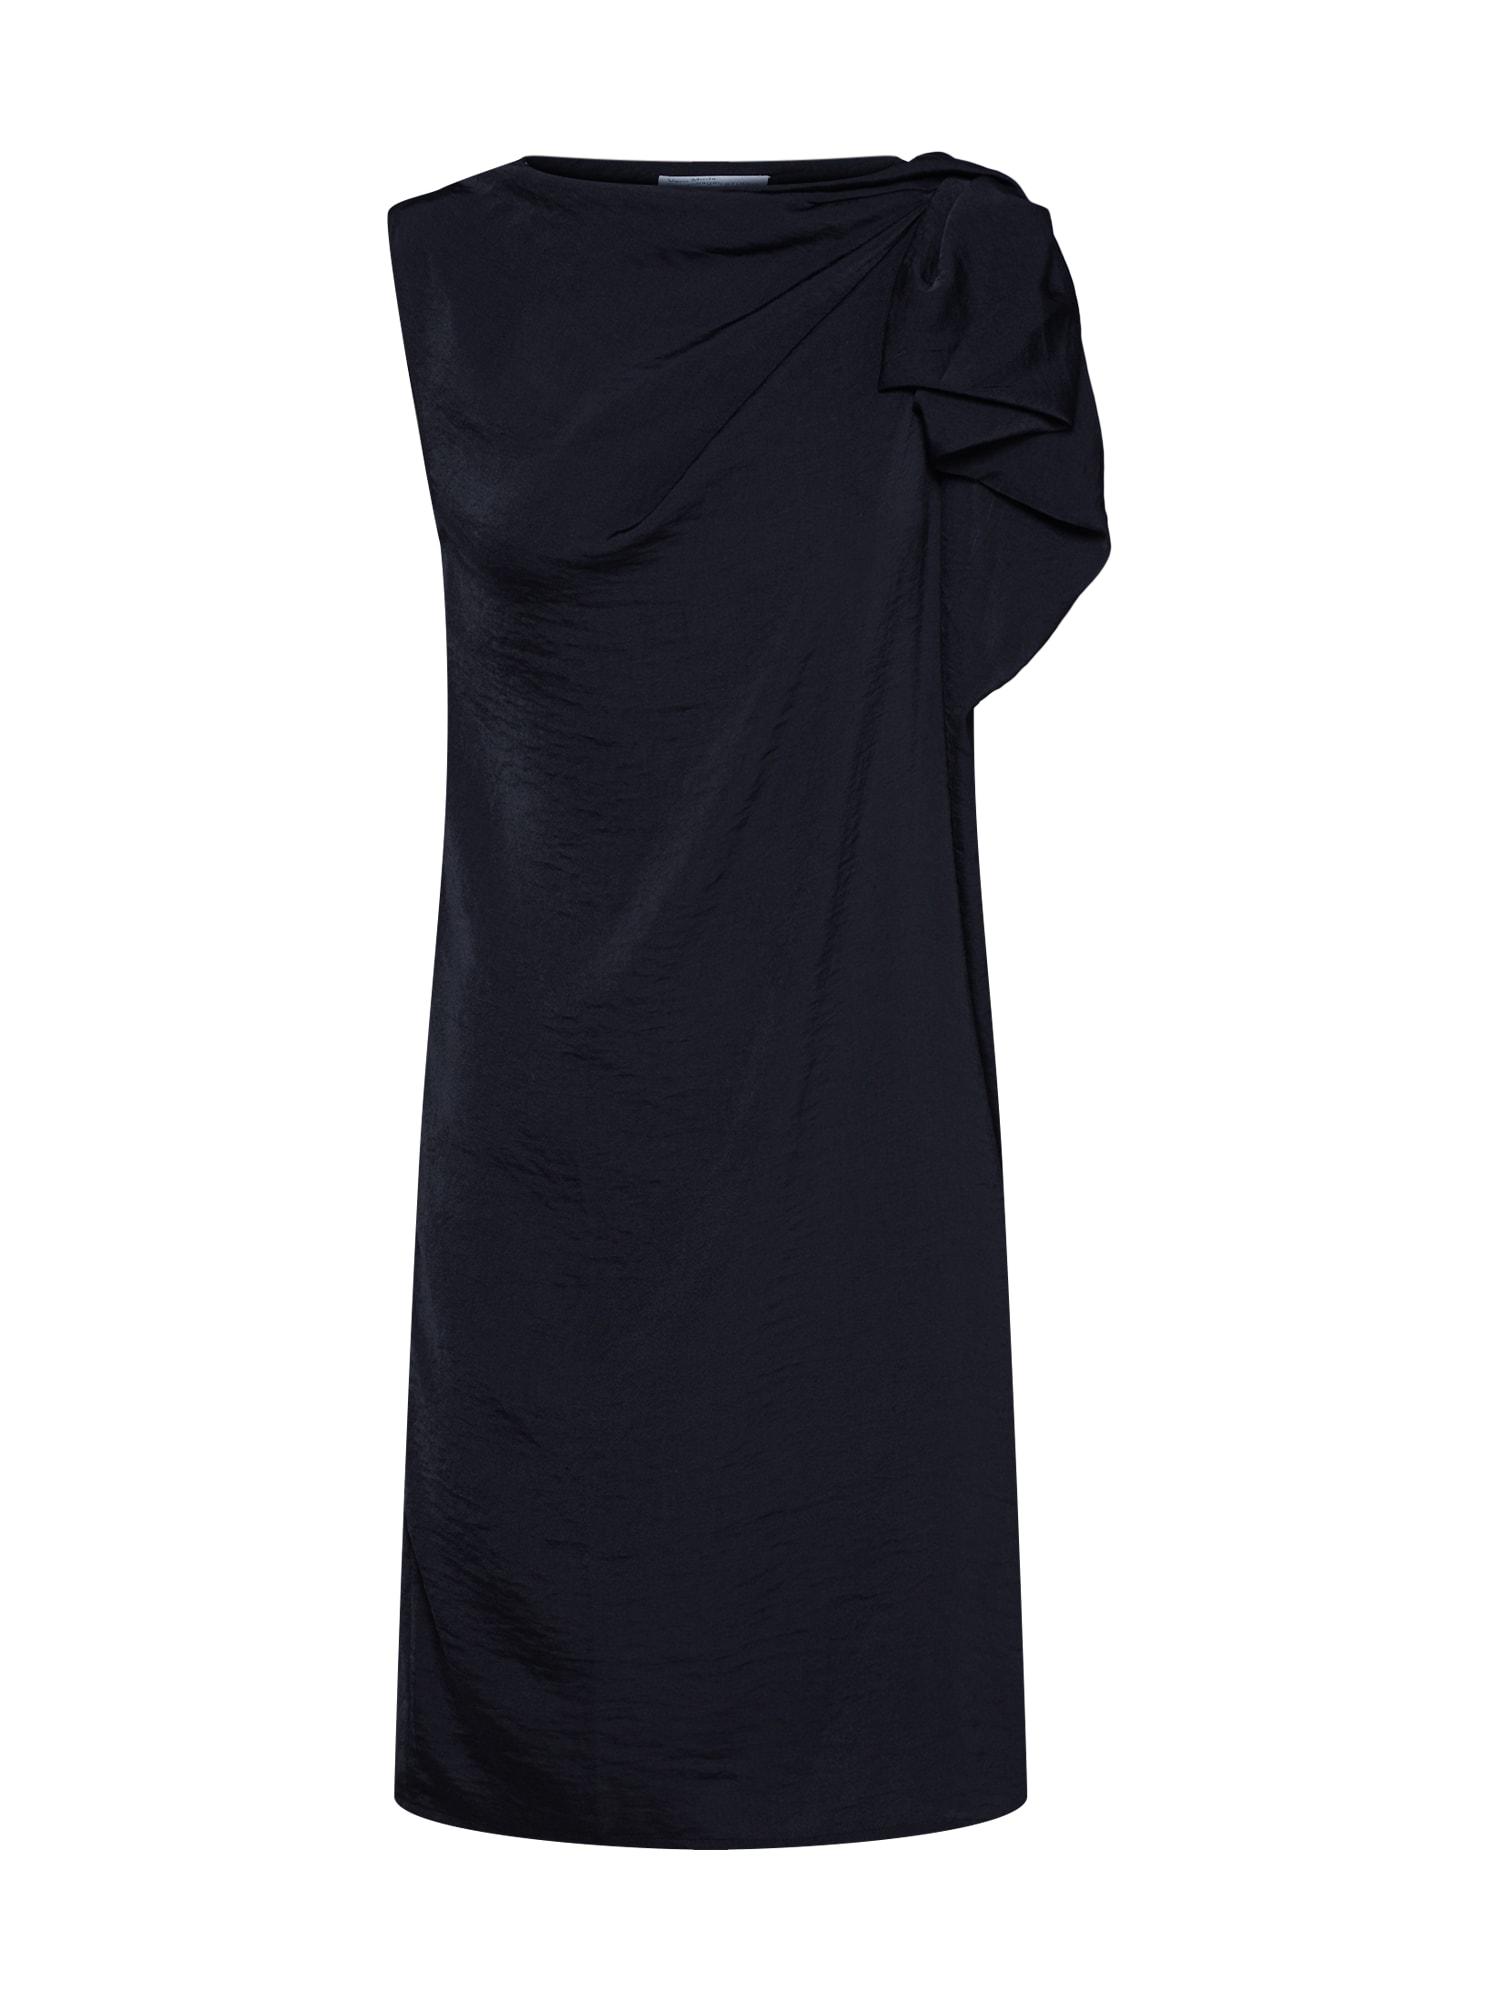 Vero Moda Copenhagen STUDIO Sukienka koktajlowa  czarny